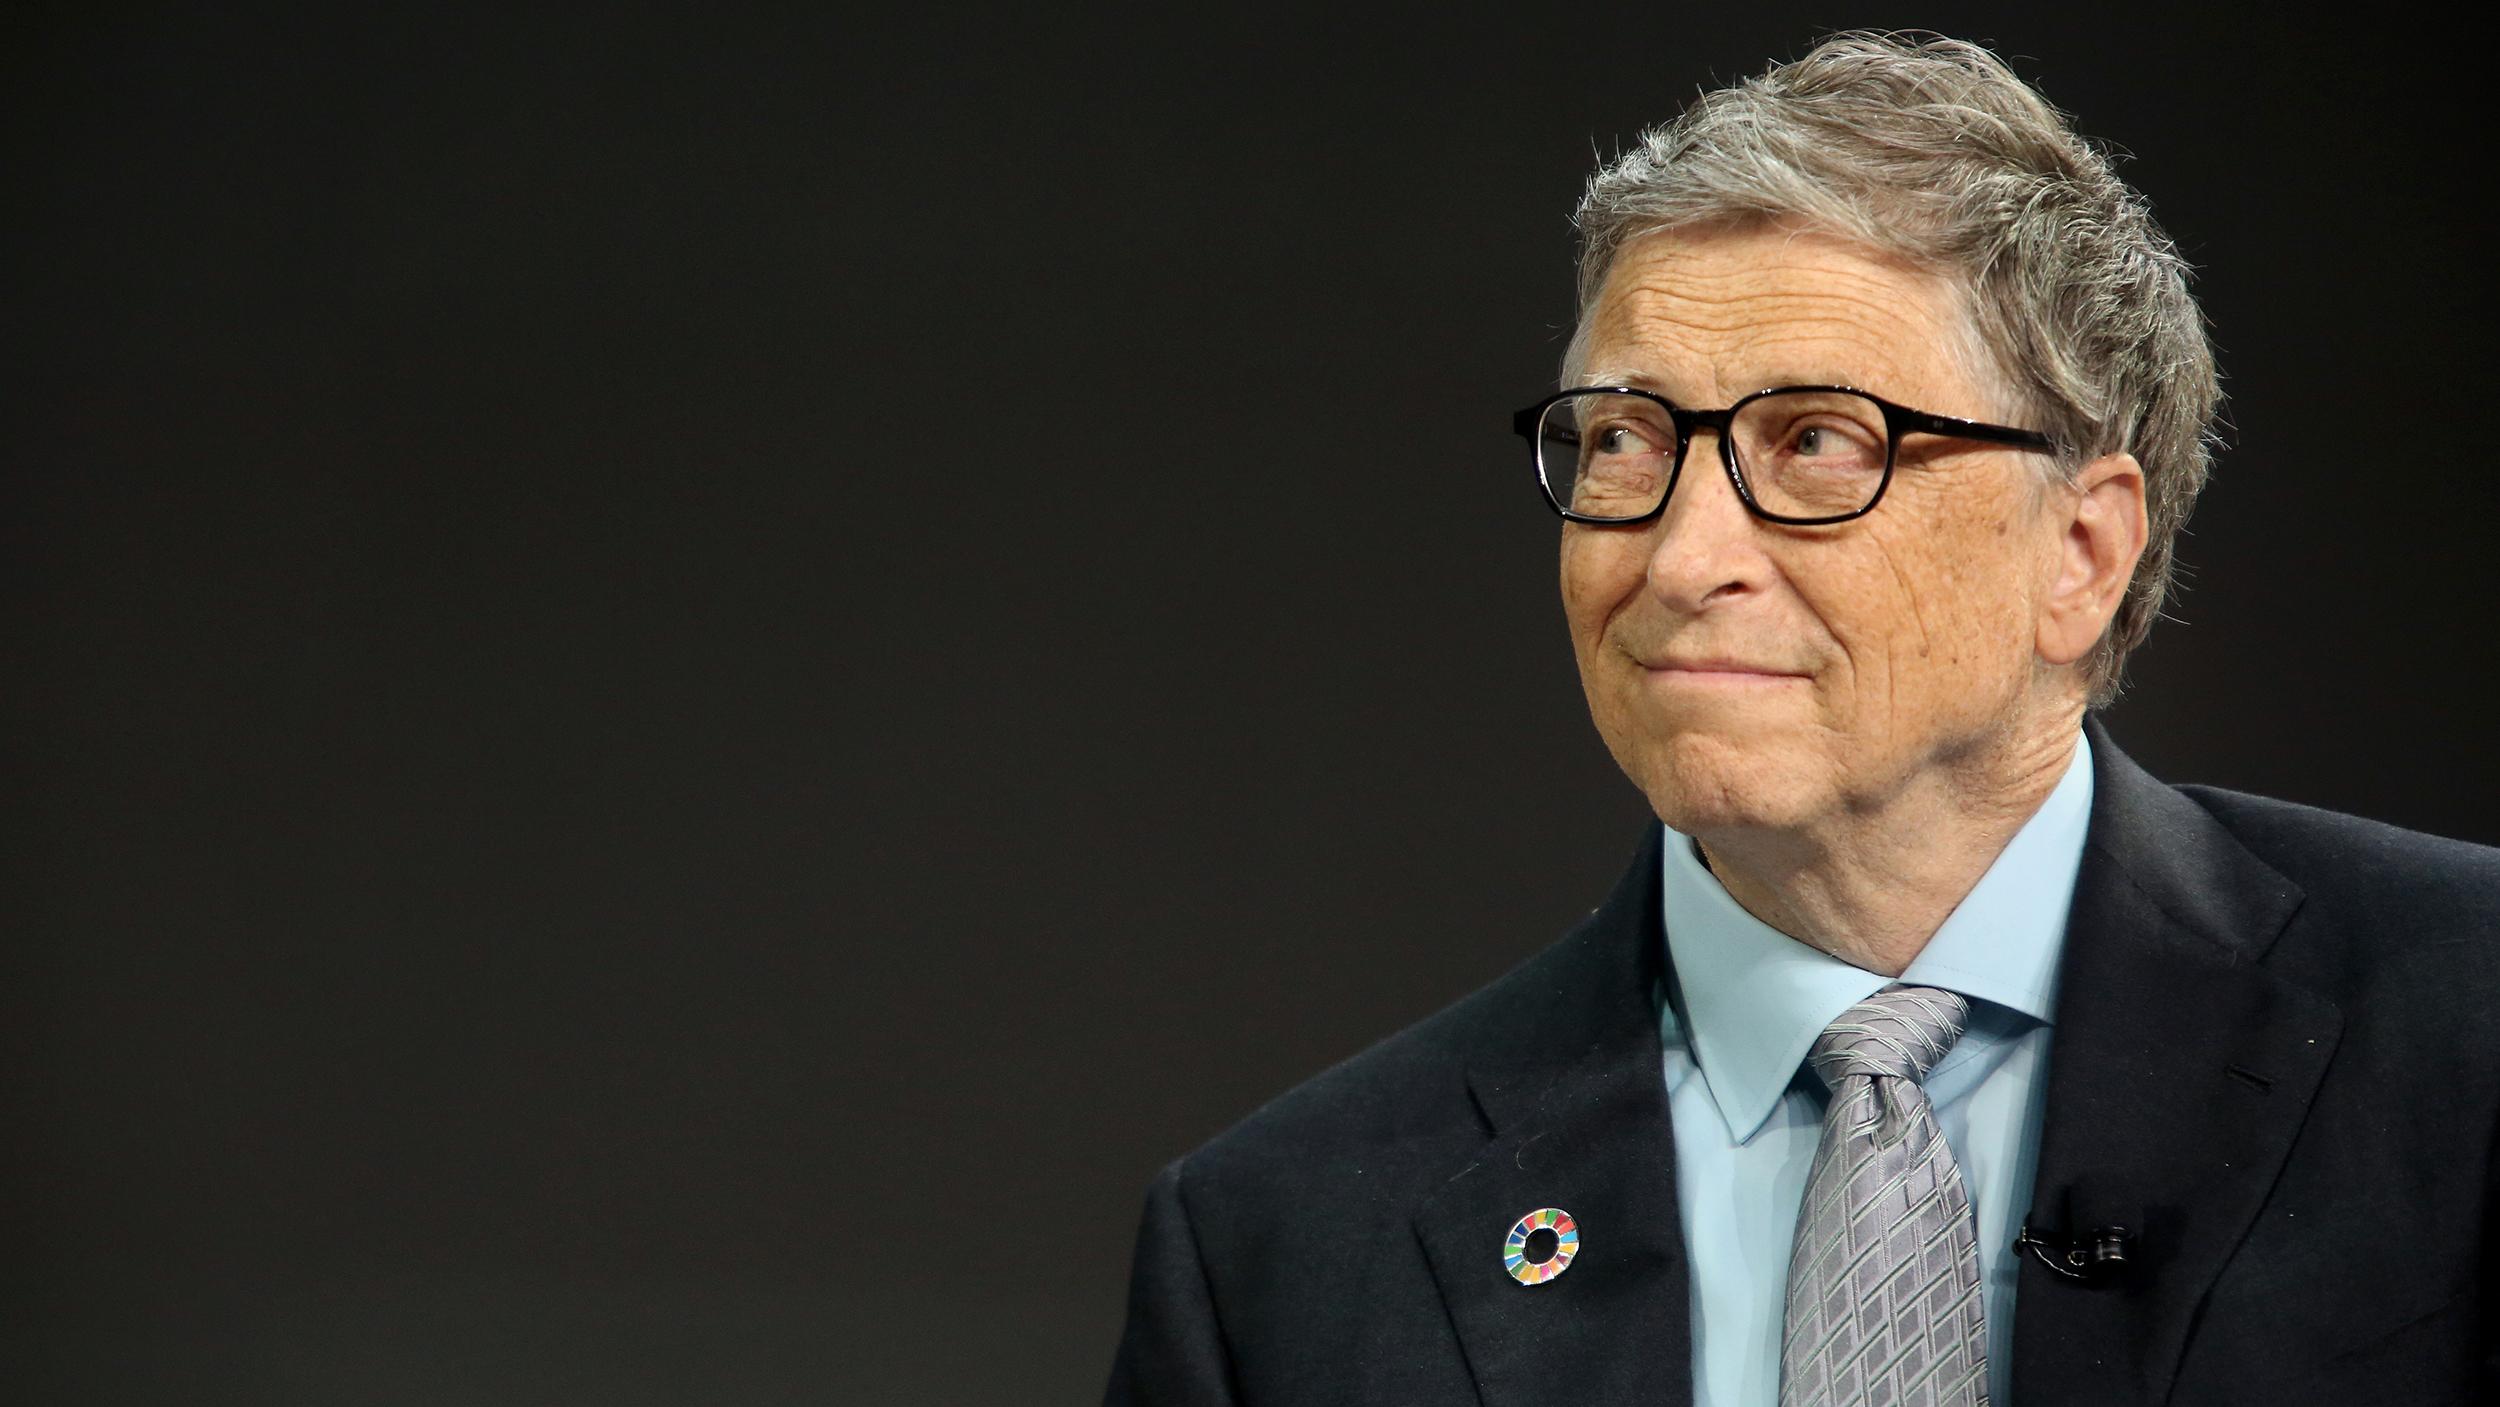 Para Bill Gates el anonimato implícito en las transacciones con criptomonedas como Bitcoin representa un problema, vinculado al crimen y lavado de dinero. No obstante, la historia es diferente cuando habla de la tecnología Blockchain. Fuente: El Universal